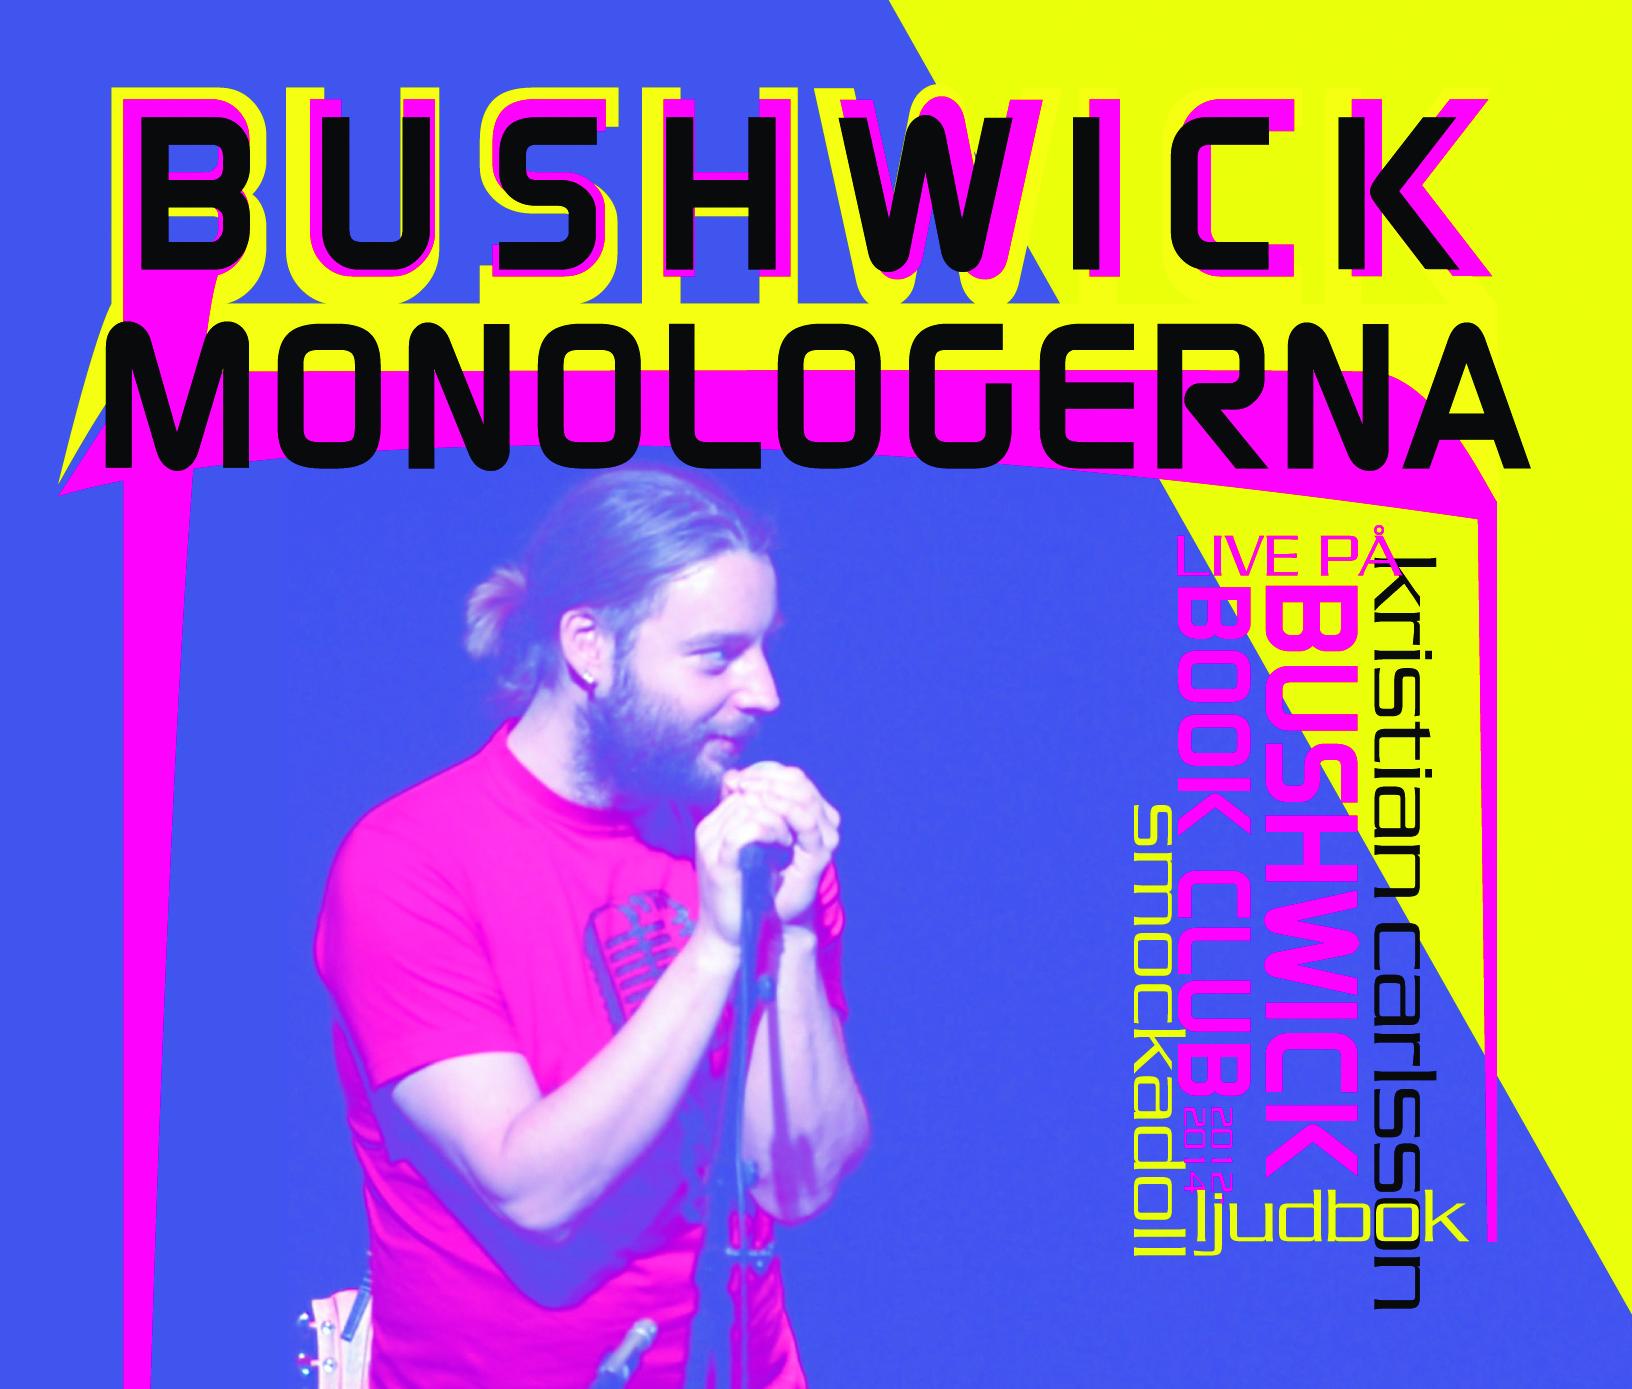 Ljudbok Bushwickmonologerna av Kristian Carlsson